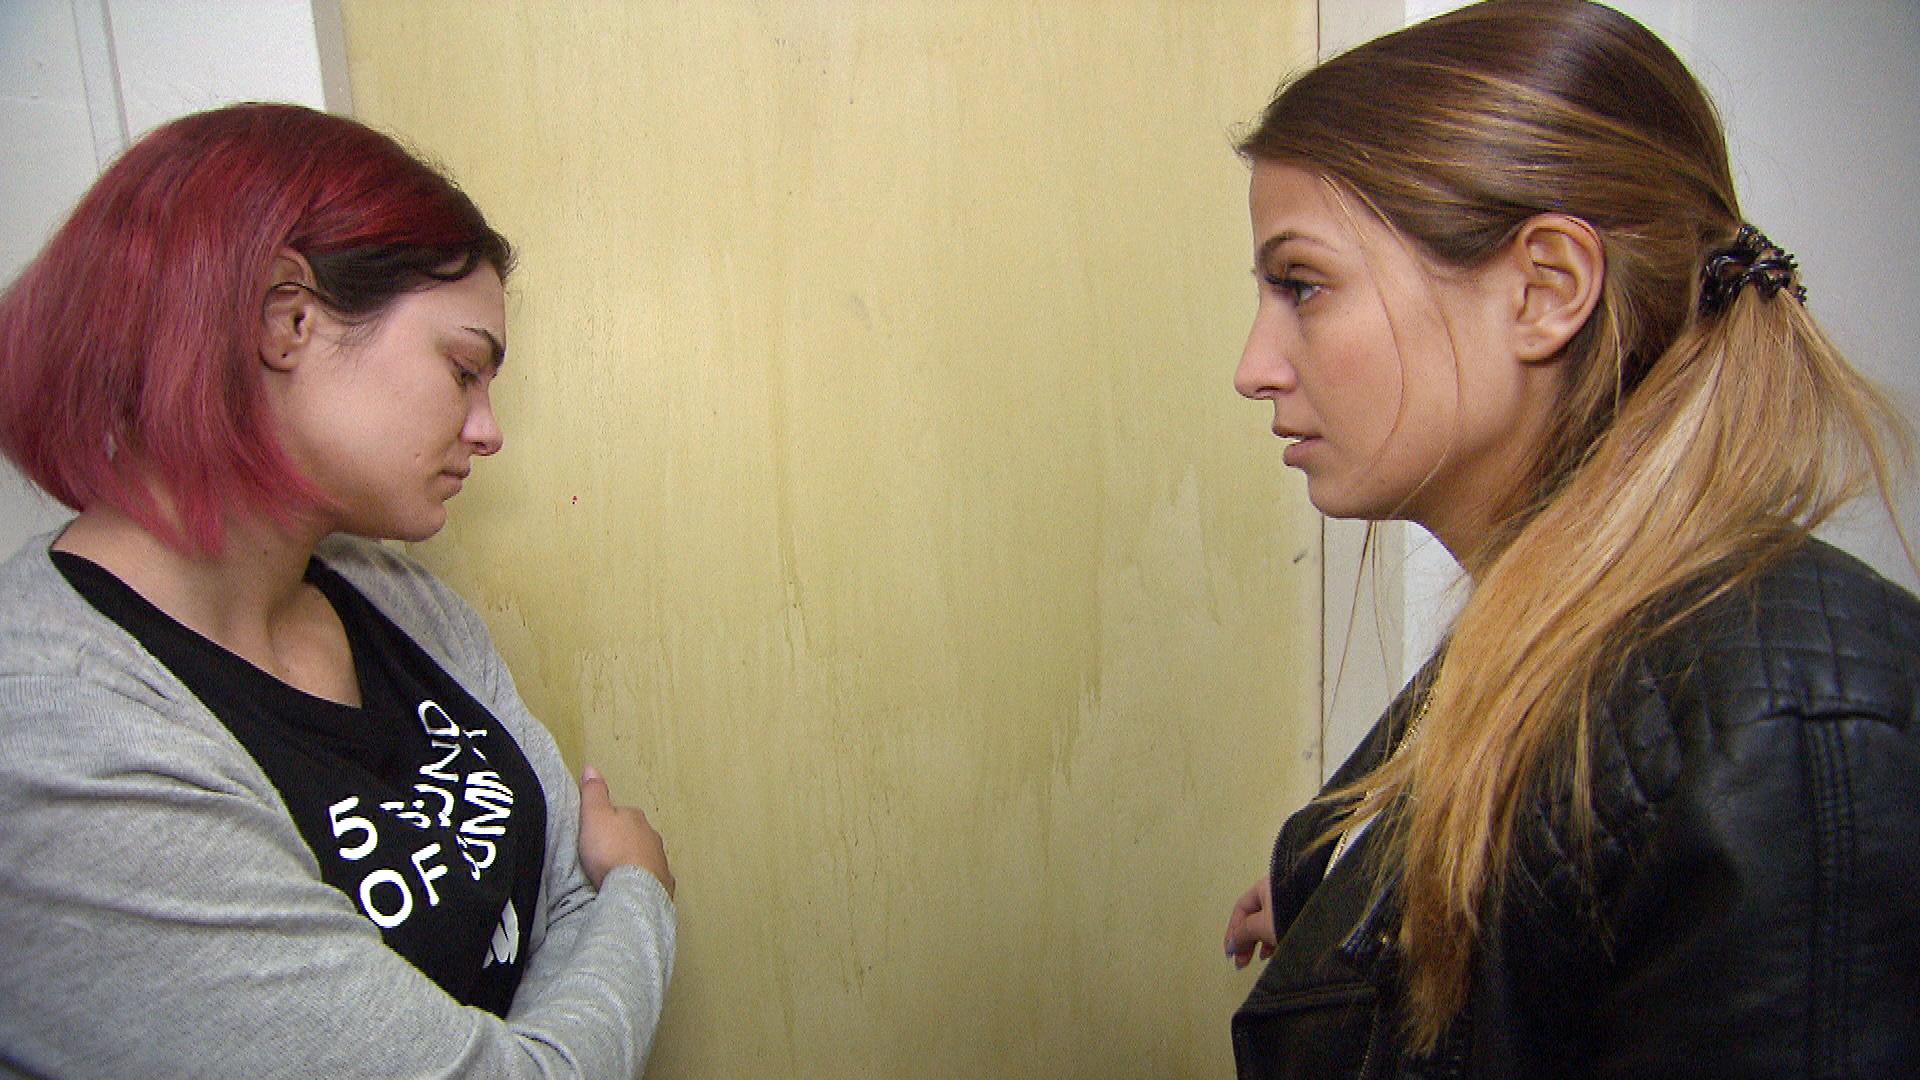 Alessia,re. versucht verzweifelt, zu (Fabrizio) durchzudringen, doch weder ihr noch Jessica,li., gelingt es, ihn umzustimmen. (Quelle: RTL 2)